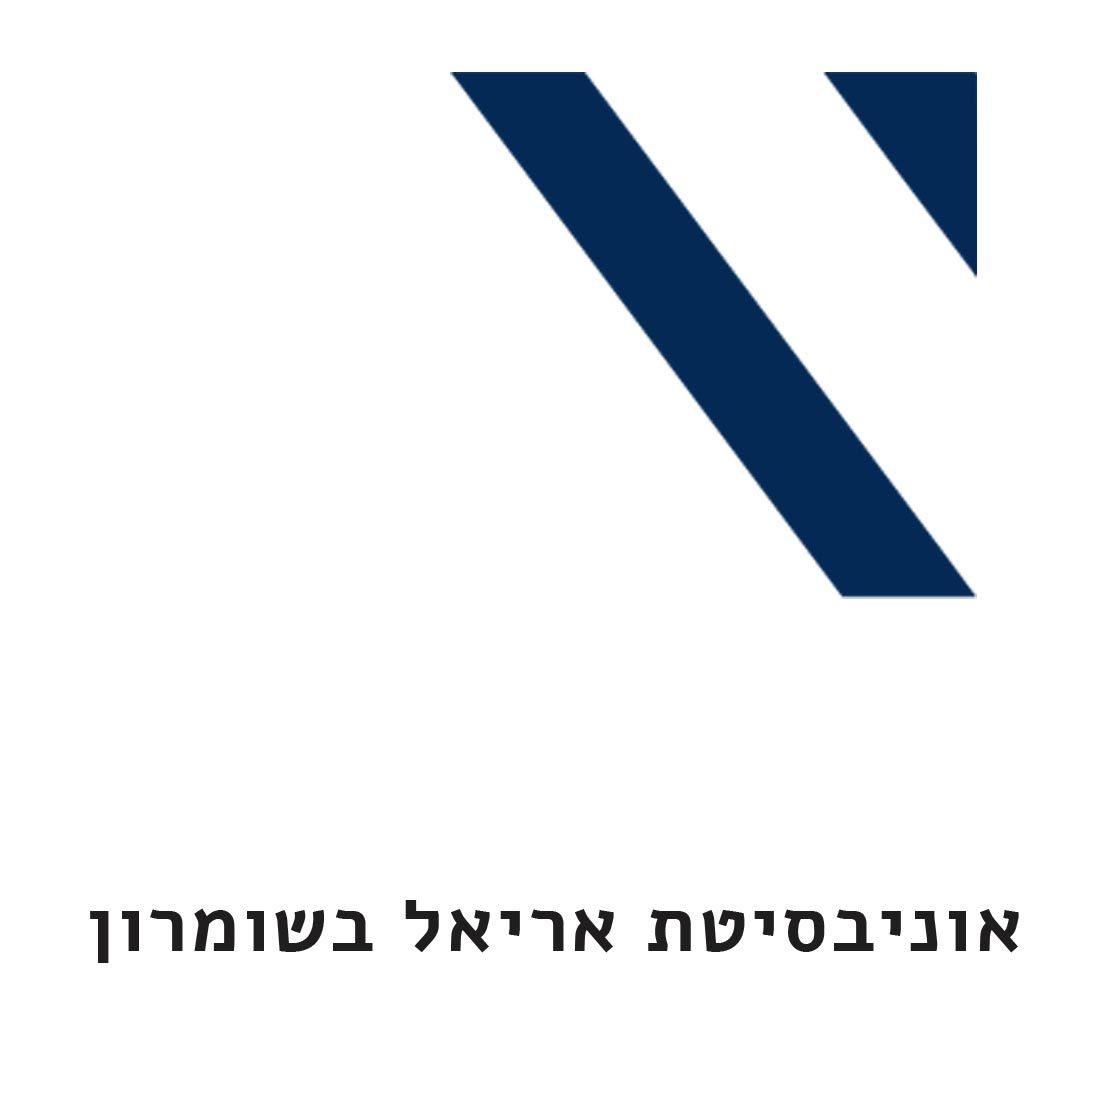 מכינה למסלול לעיצוב באריאל